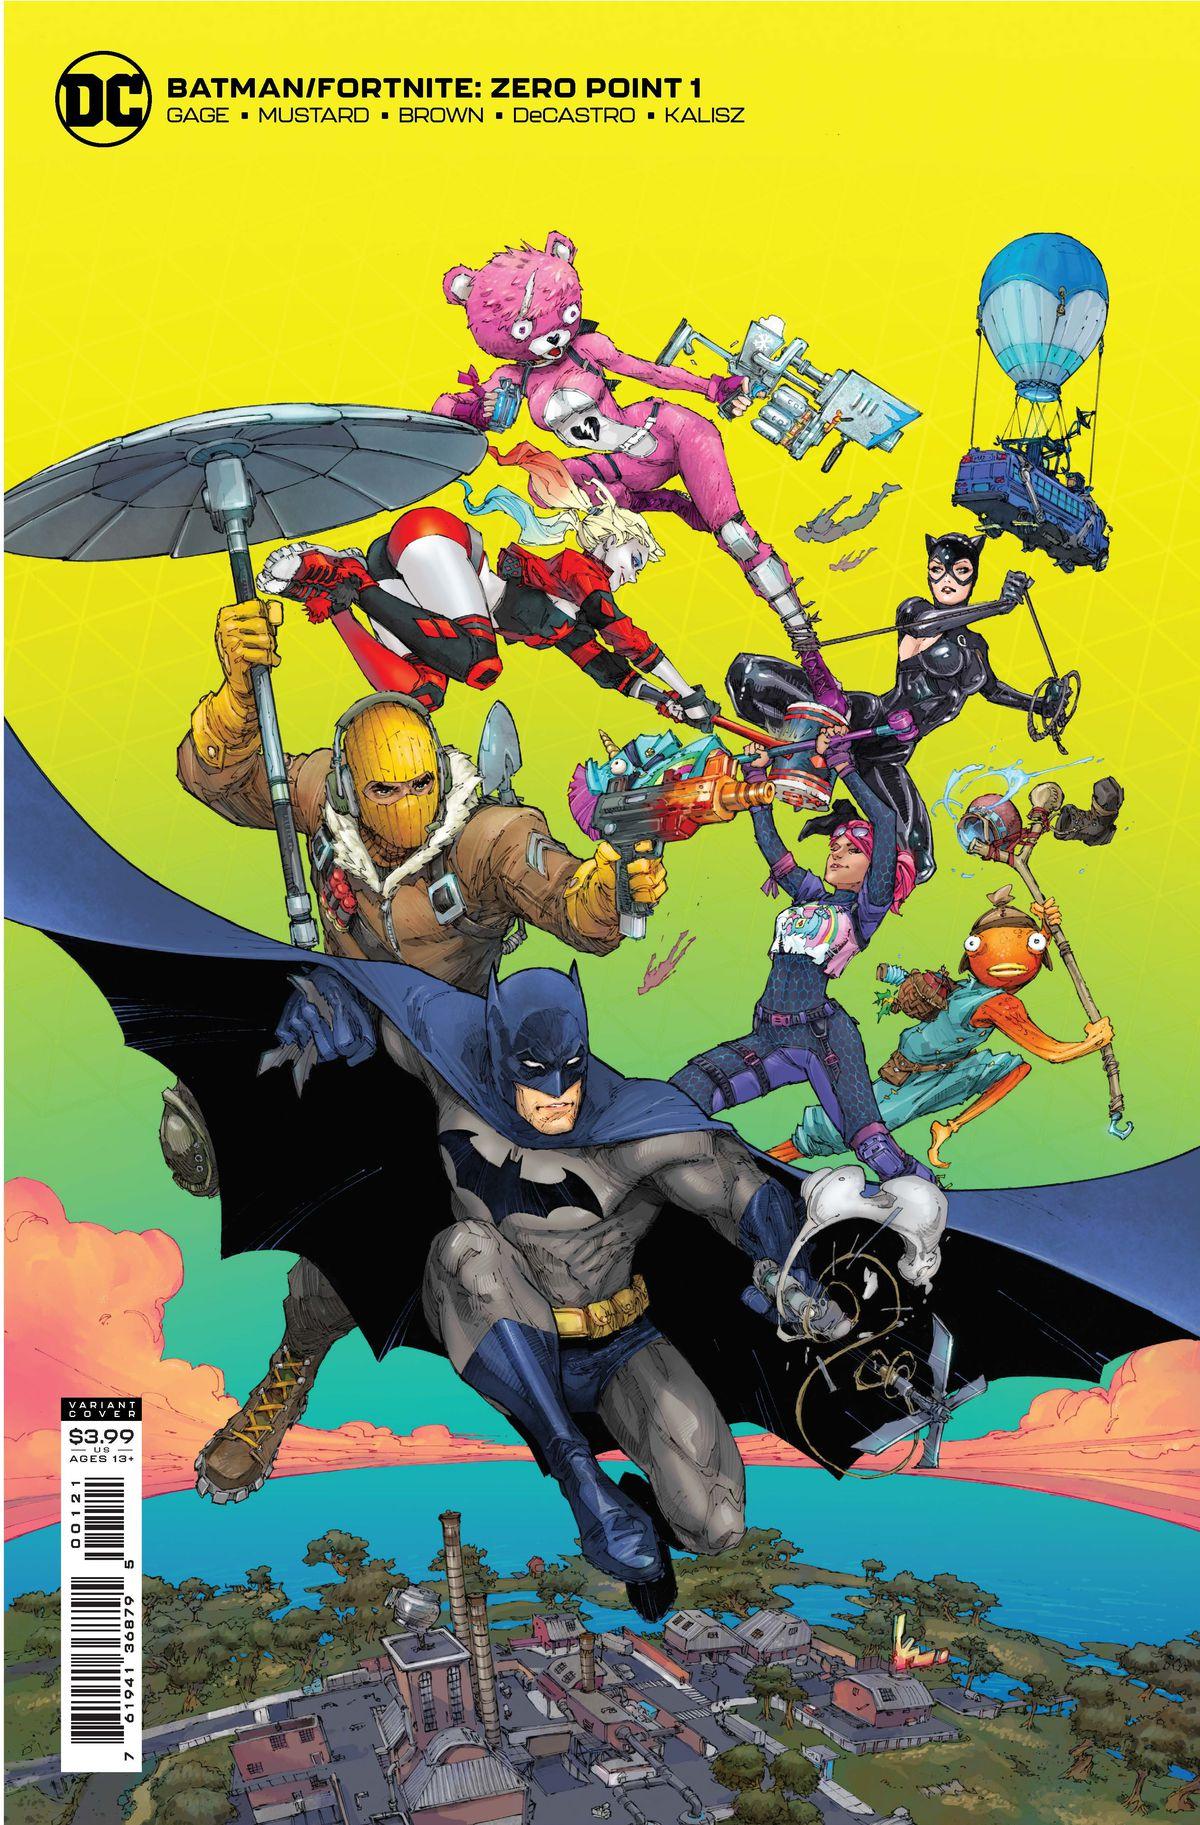 Variant cover art for Batman/Fortnite: Zero Point #1